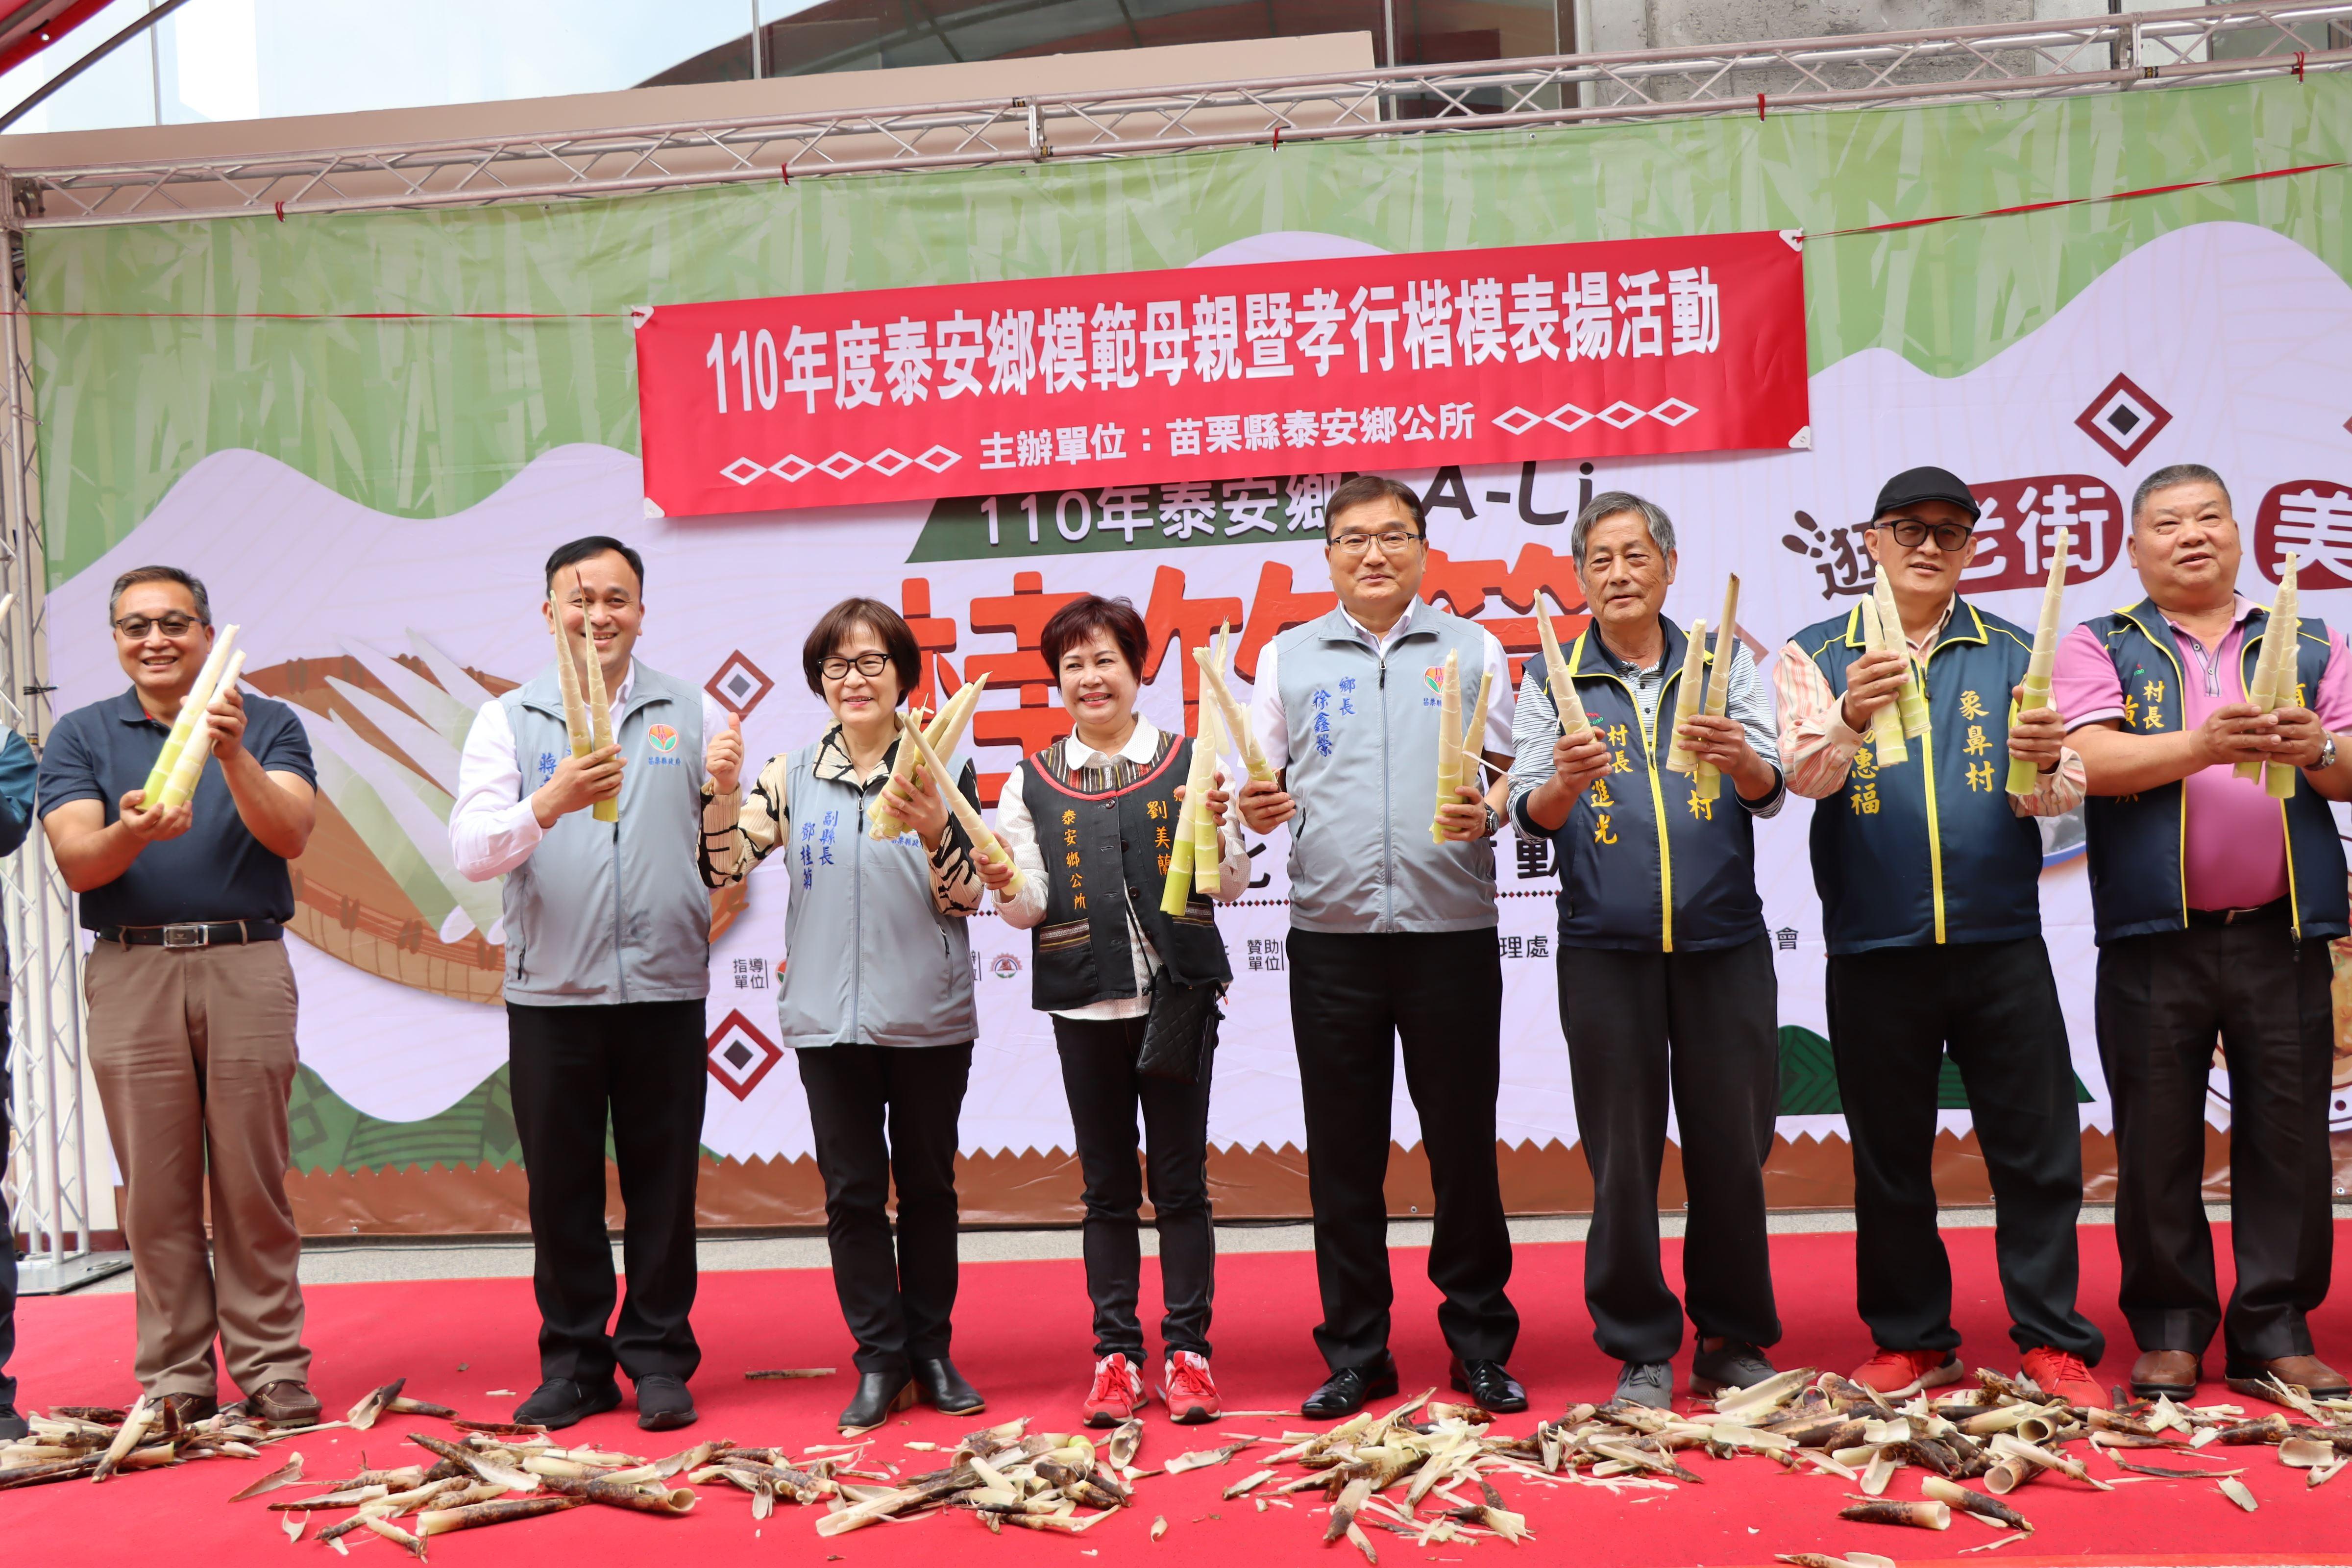 啟動泰安鄉桂竹筍農產業文化促銷活動